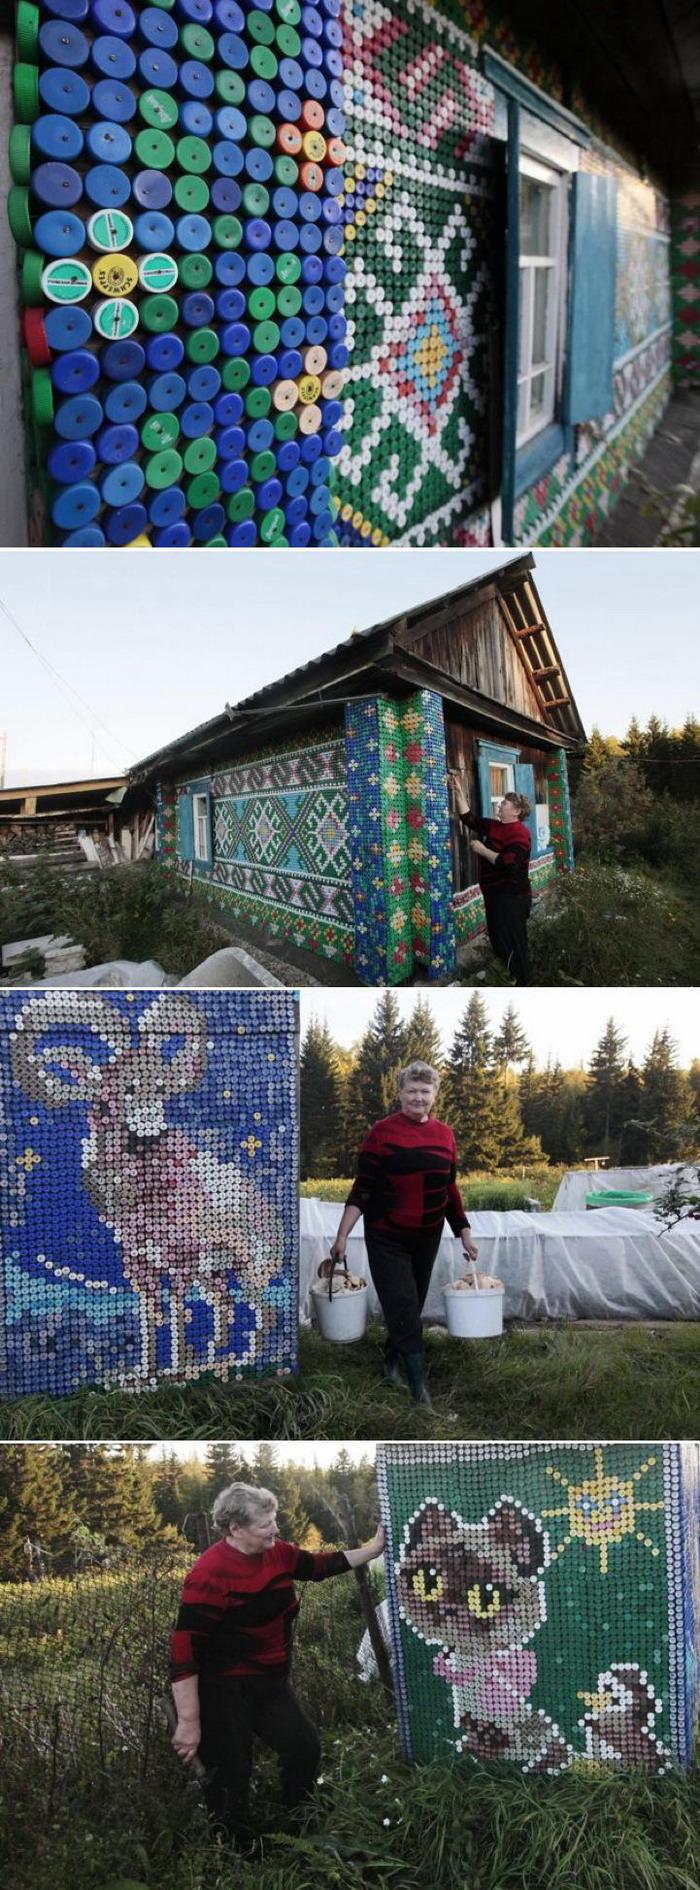 30 000 крышек от бутылок для украшения небольшого деревенского дома